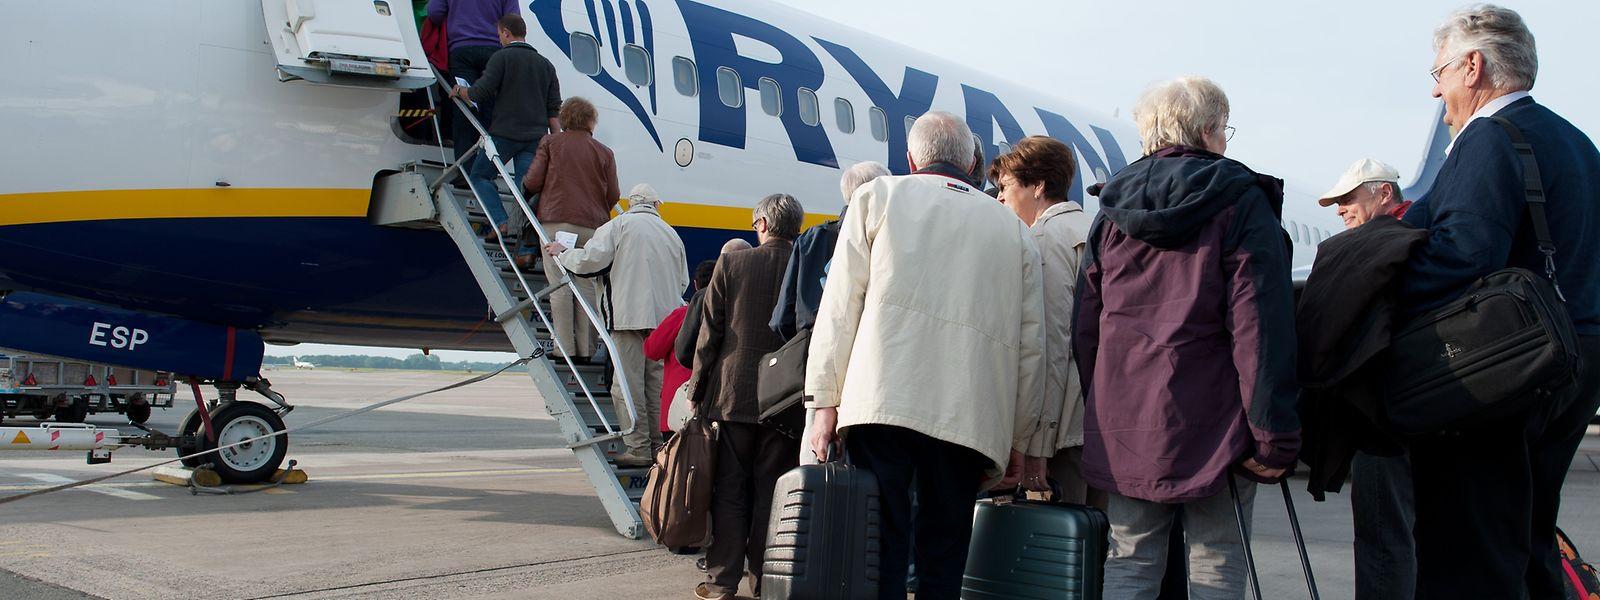 Passagiere der Fluglinie Ryanair besteigen auf dem Flughafen in Bremen ihre Maschine.